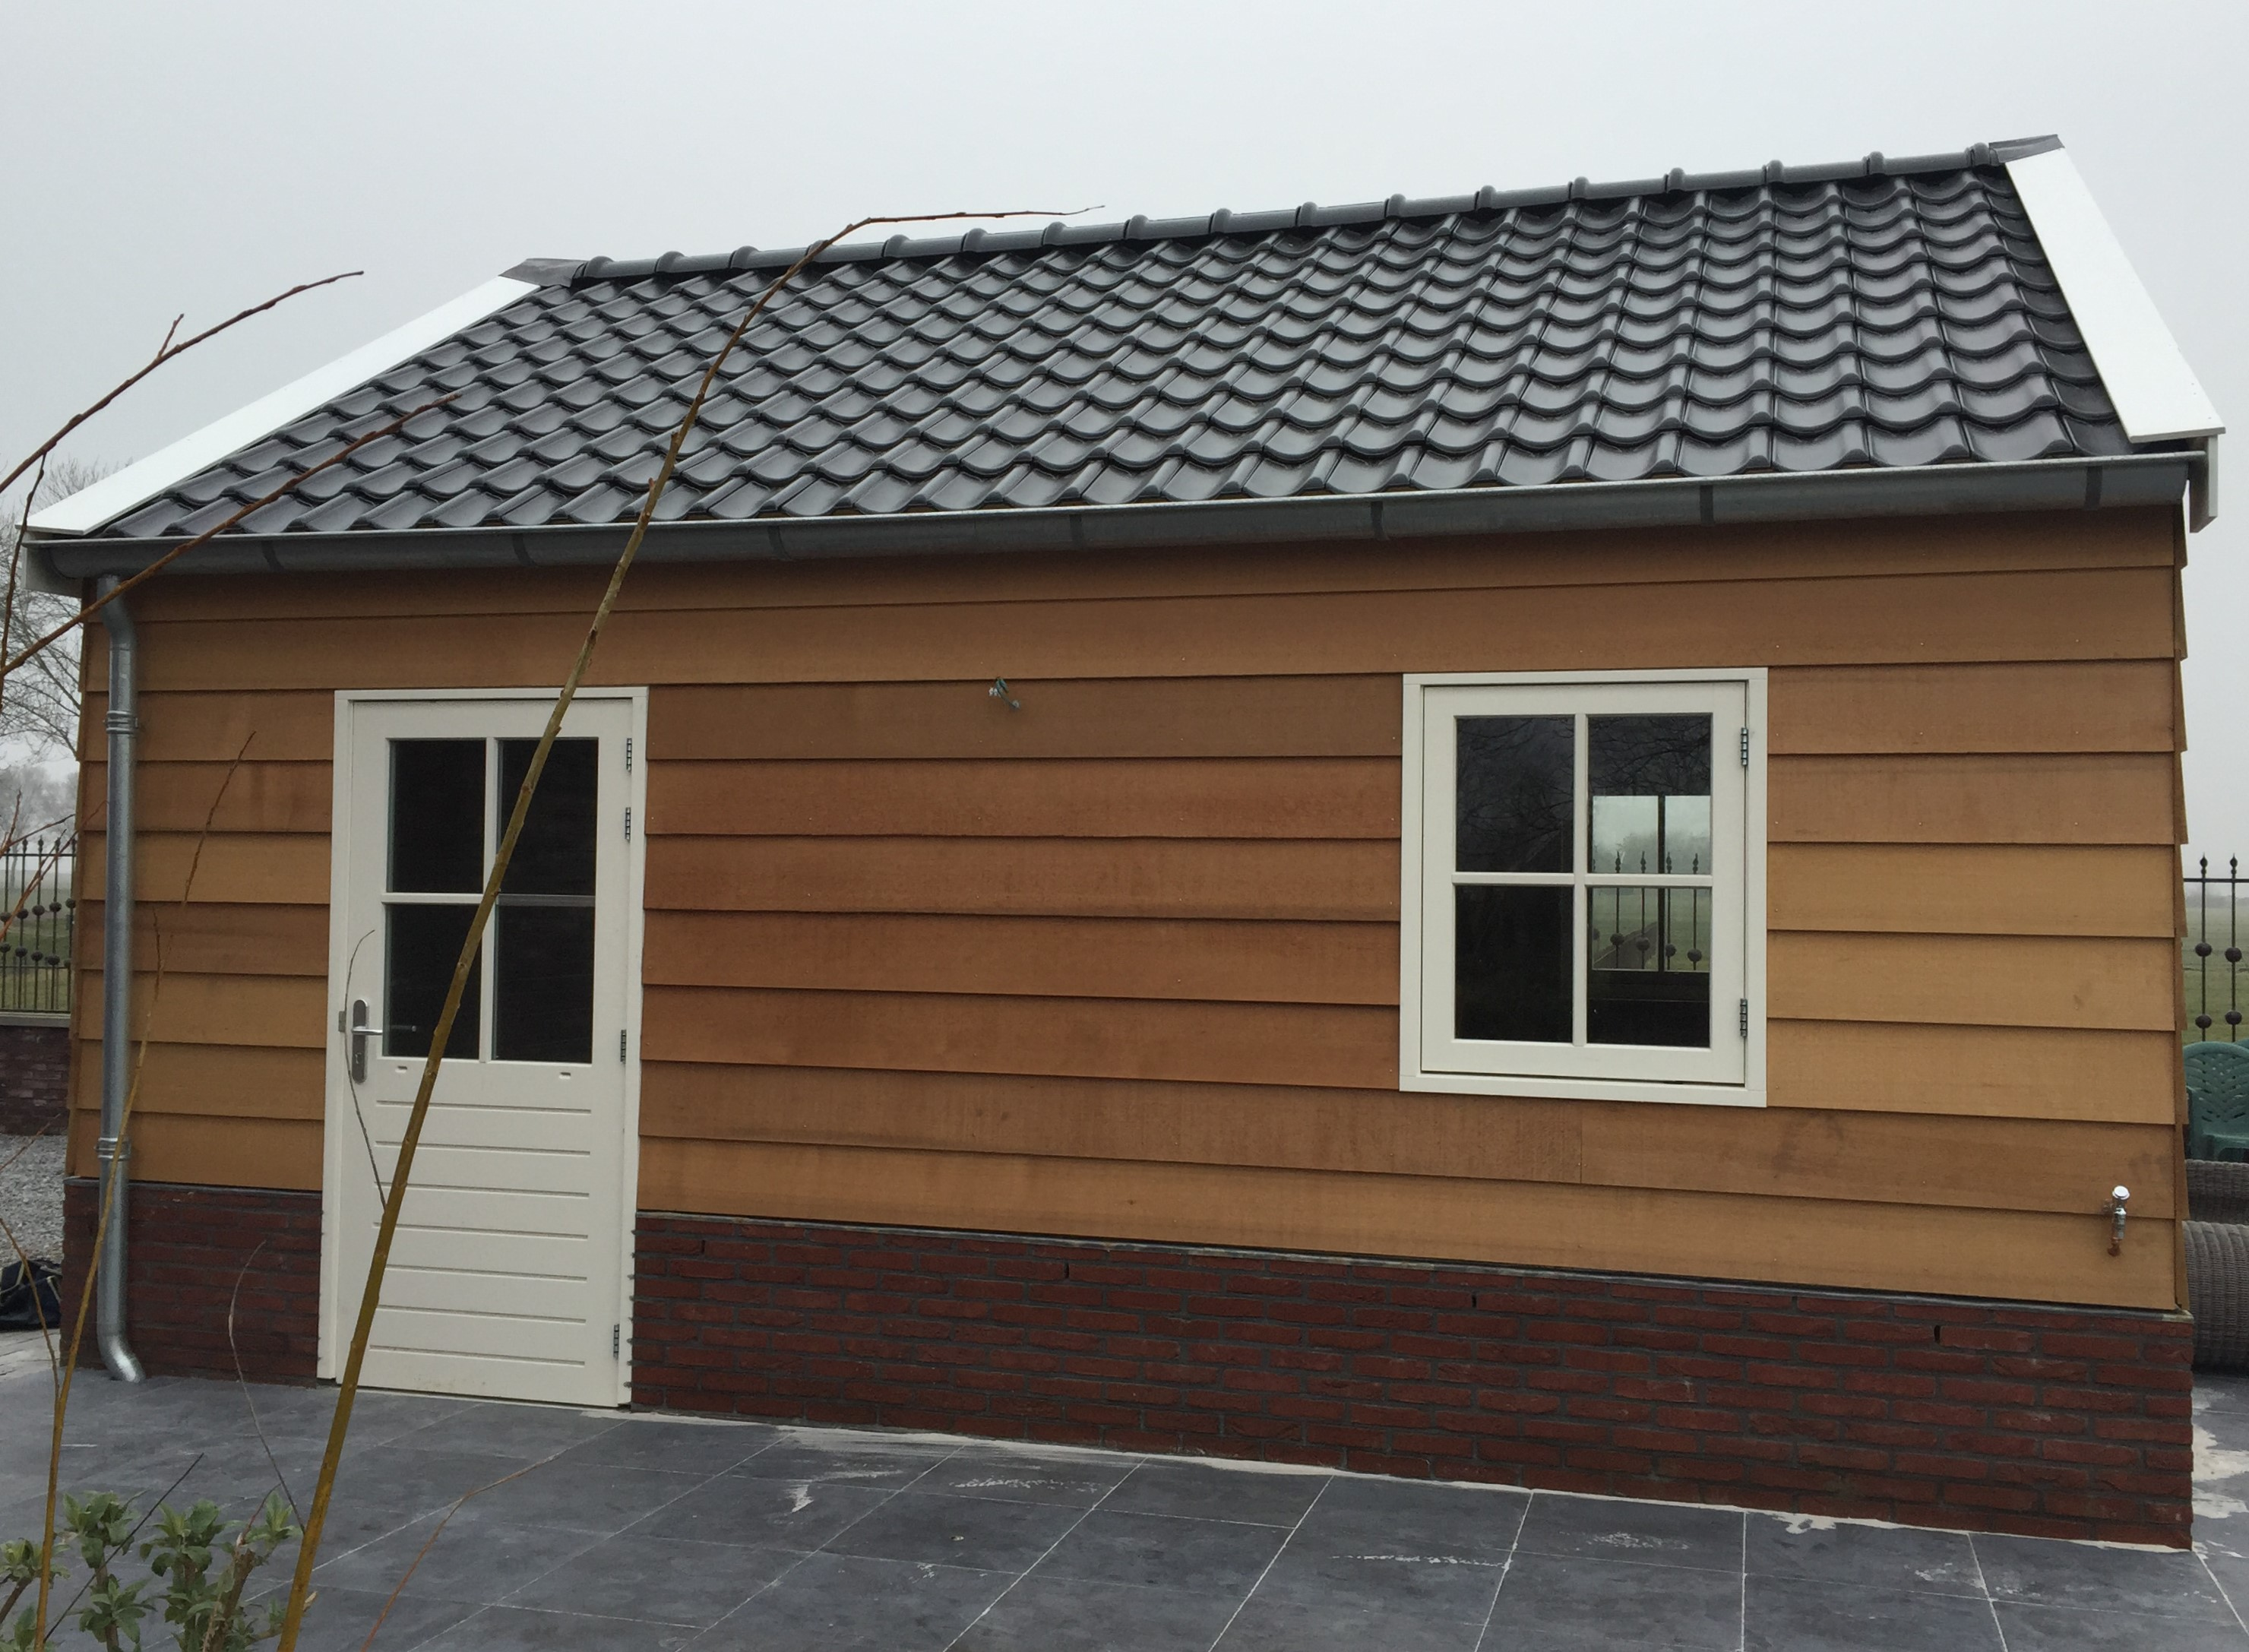 Aanbouwen, veranda's, garages en serres op maat   kwadijkbouw